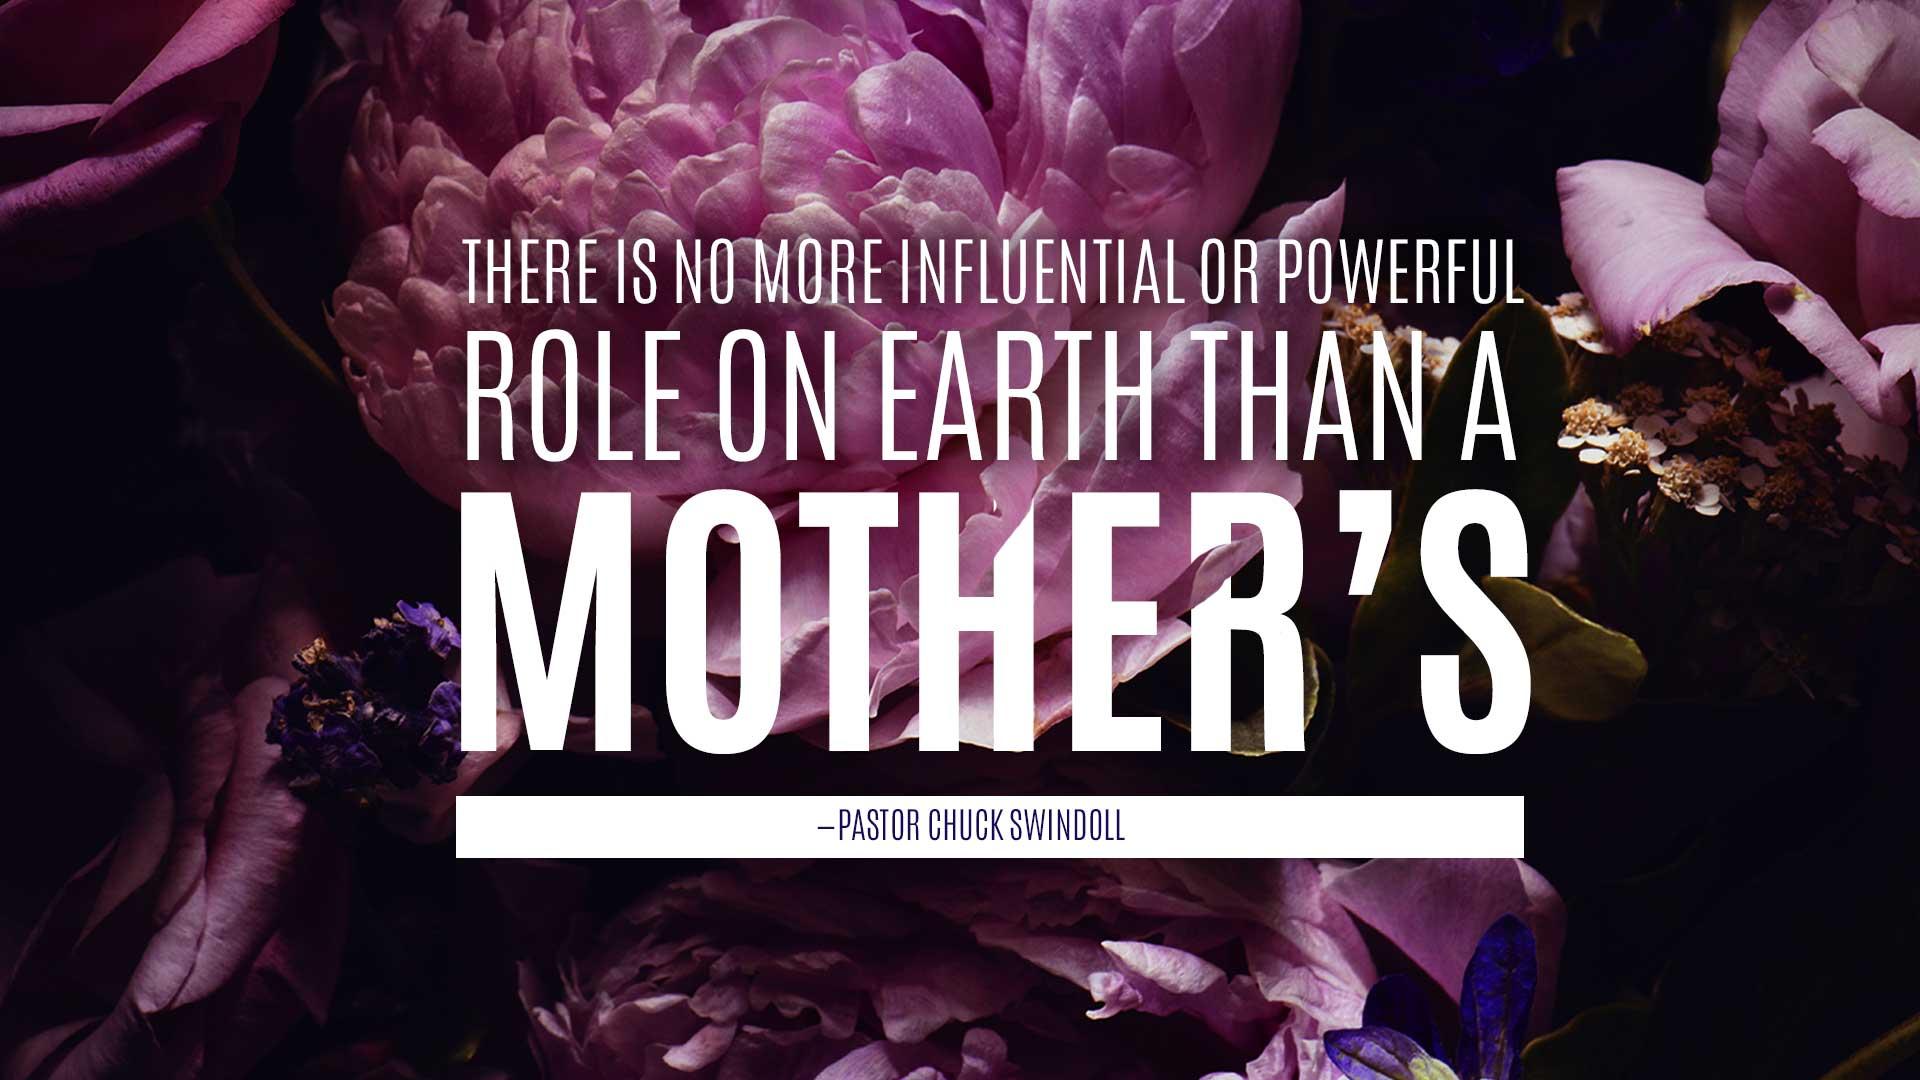 """cita: """"No hay papel más influyente o poderoso en la tierra que el de una madre"""". (Pastor Chuck Swindoll)"""